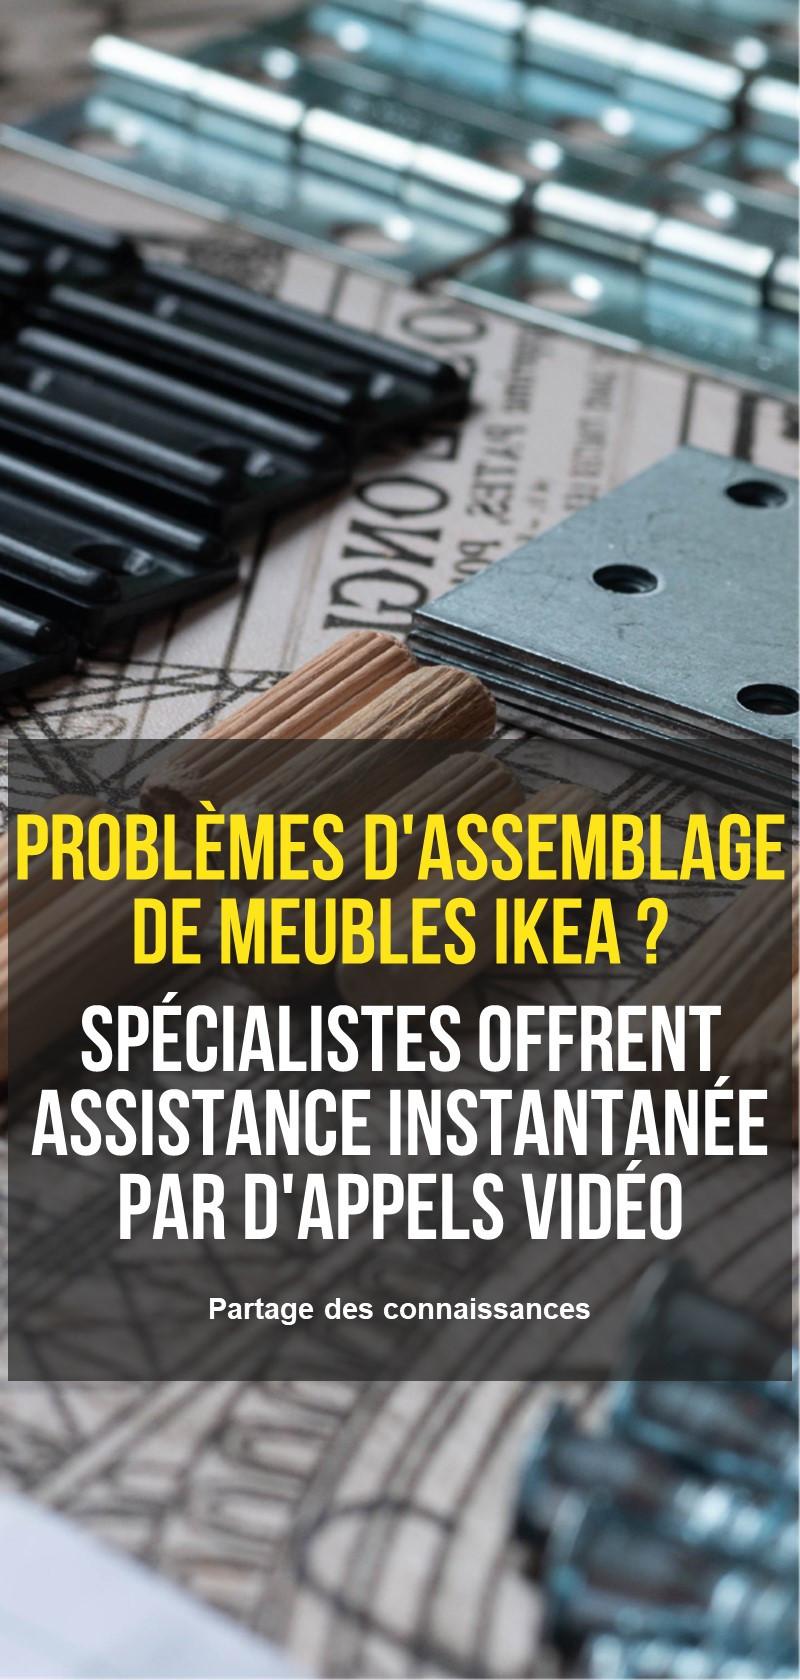 Spécialistes des meubles IKEA